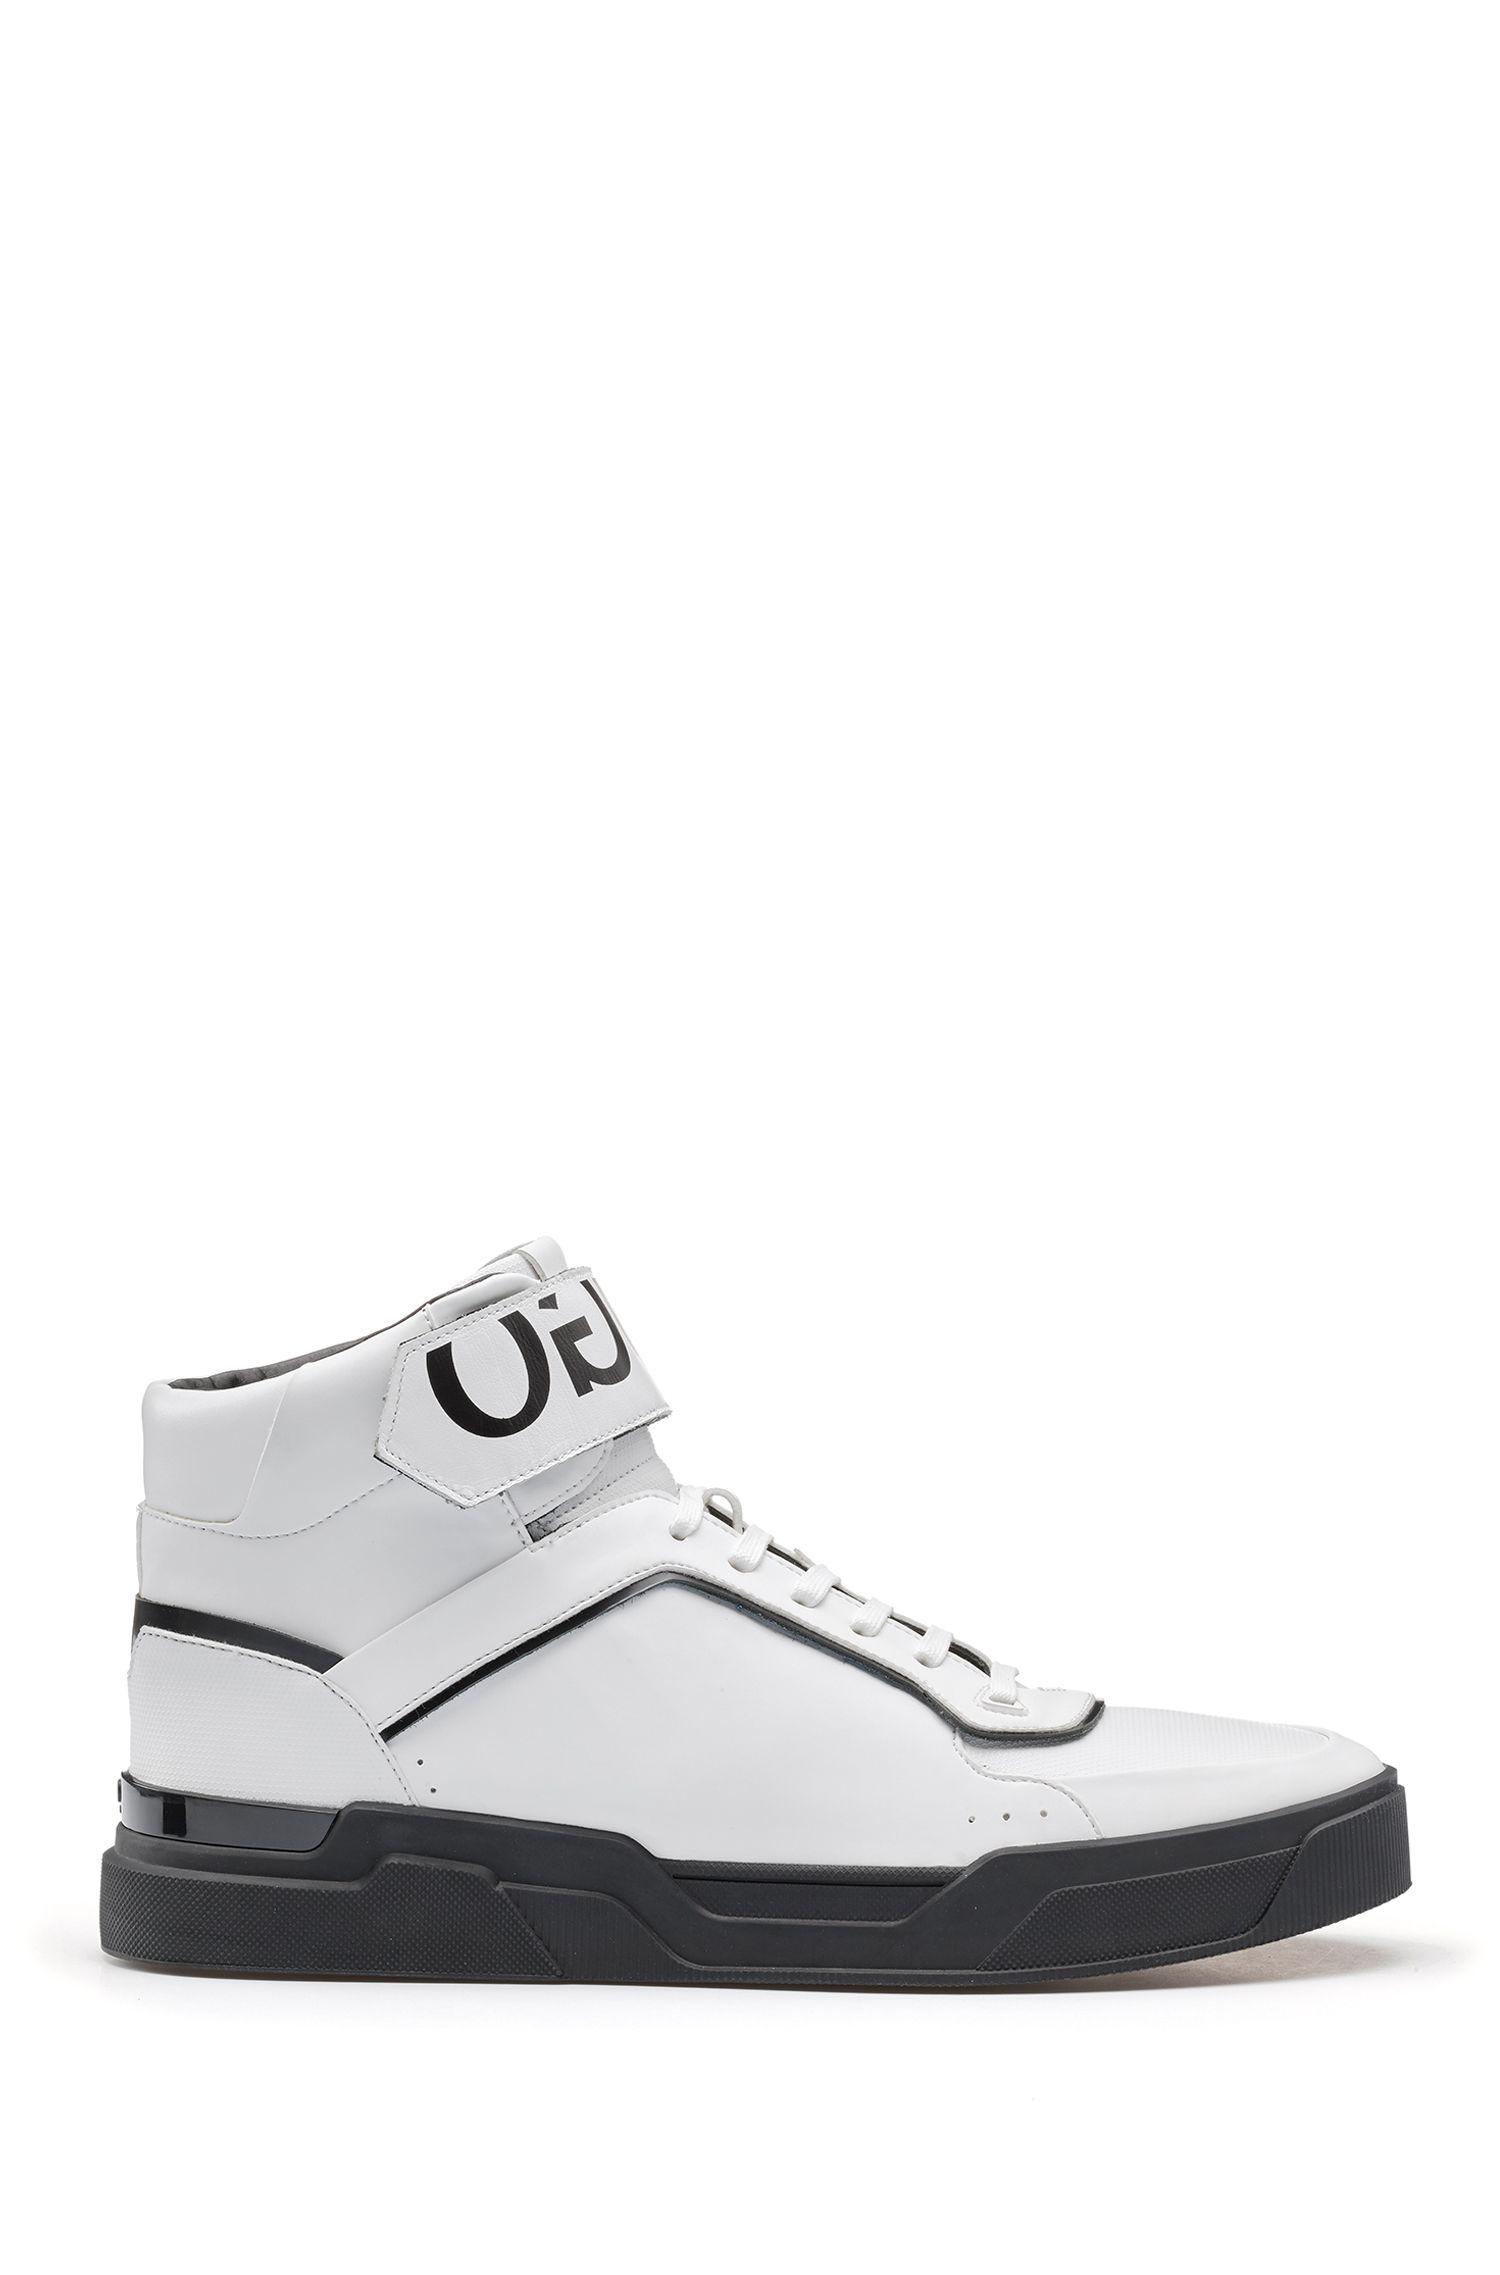 Hoge sneakers met gespiegeld logo, met nappaleer en een bovenzijde van technisch materiaal met reliëf